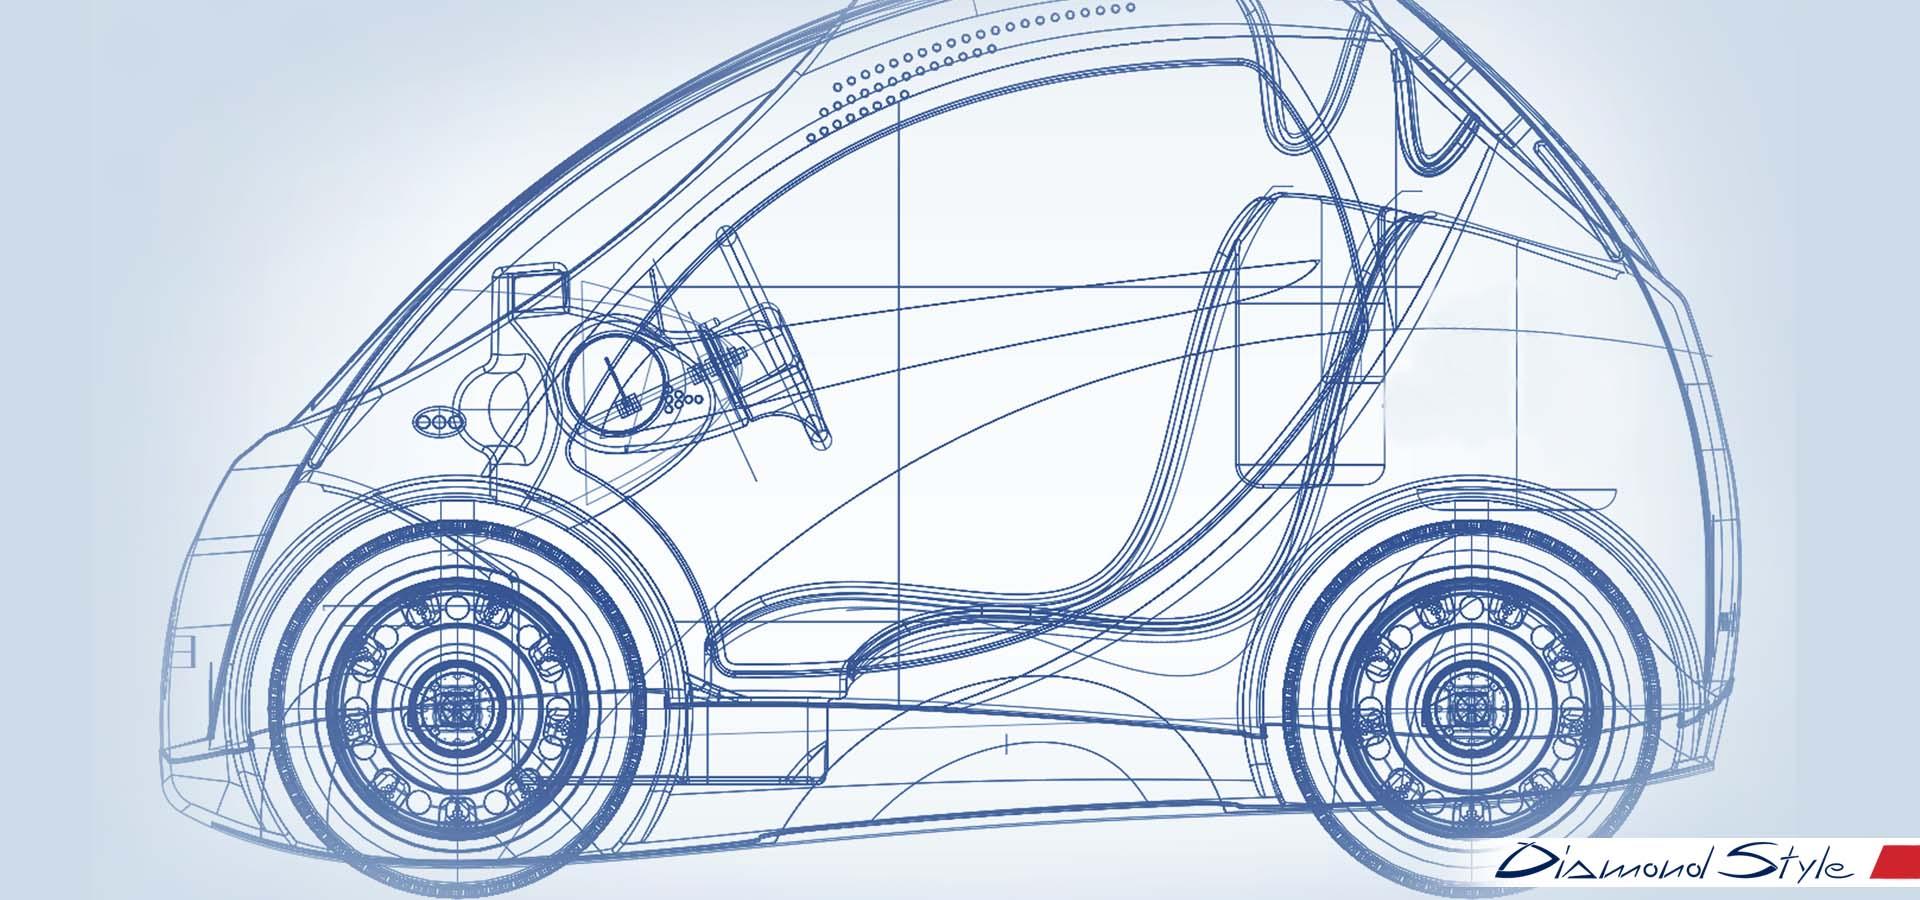 Design prototipazione e ingegnerizzazione a roma for Studio design roma